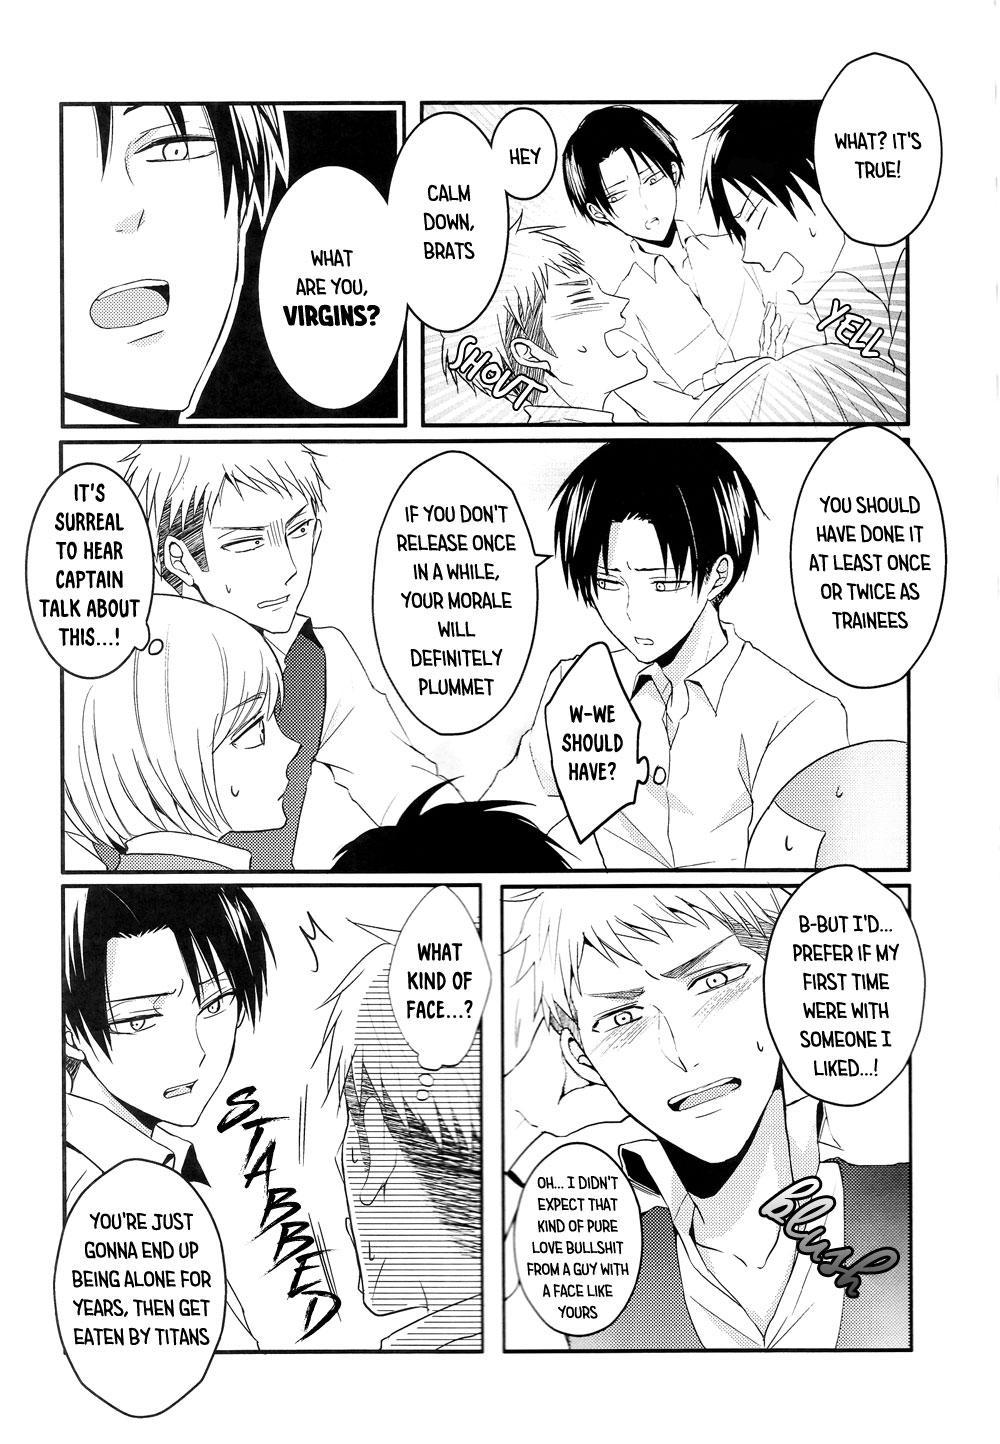 Shinpei no Dokusen yoku ga tsuyo sugite komaru. | The Newbie's Desire to Monopolize is Just Too Strong 5